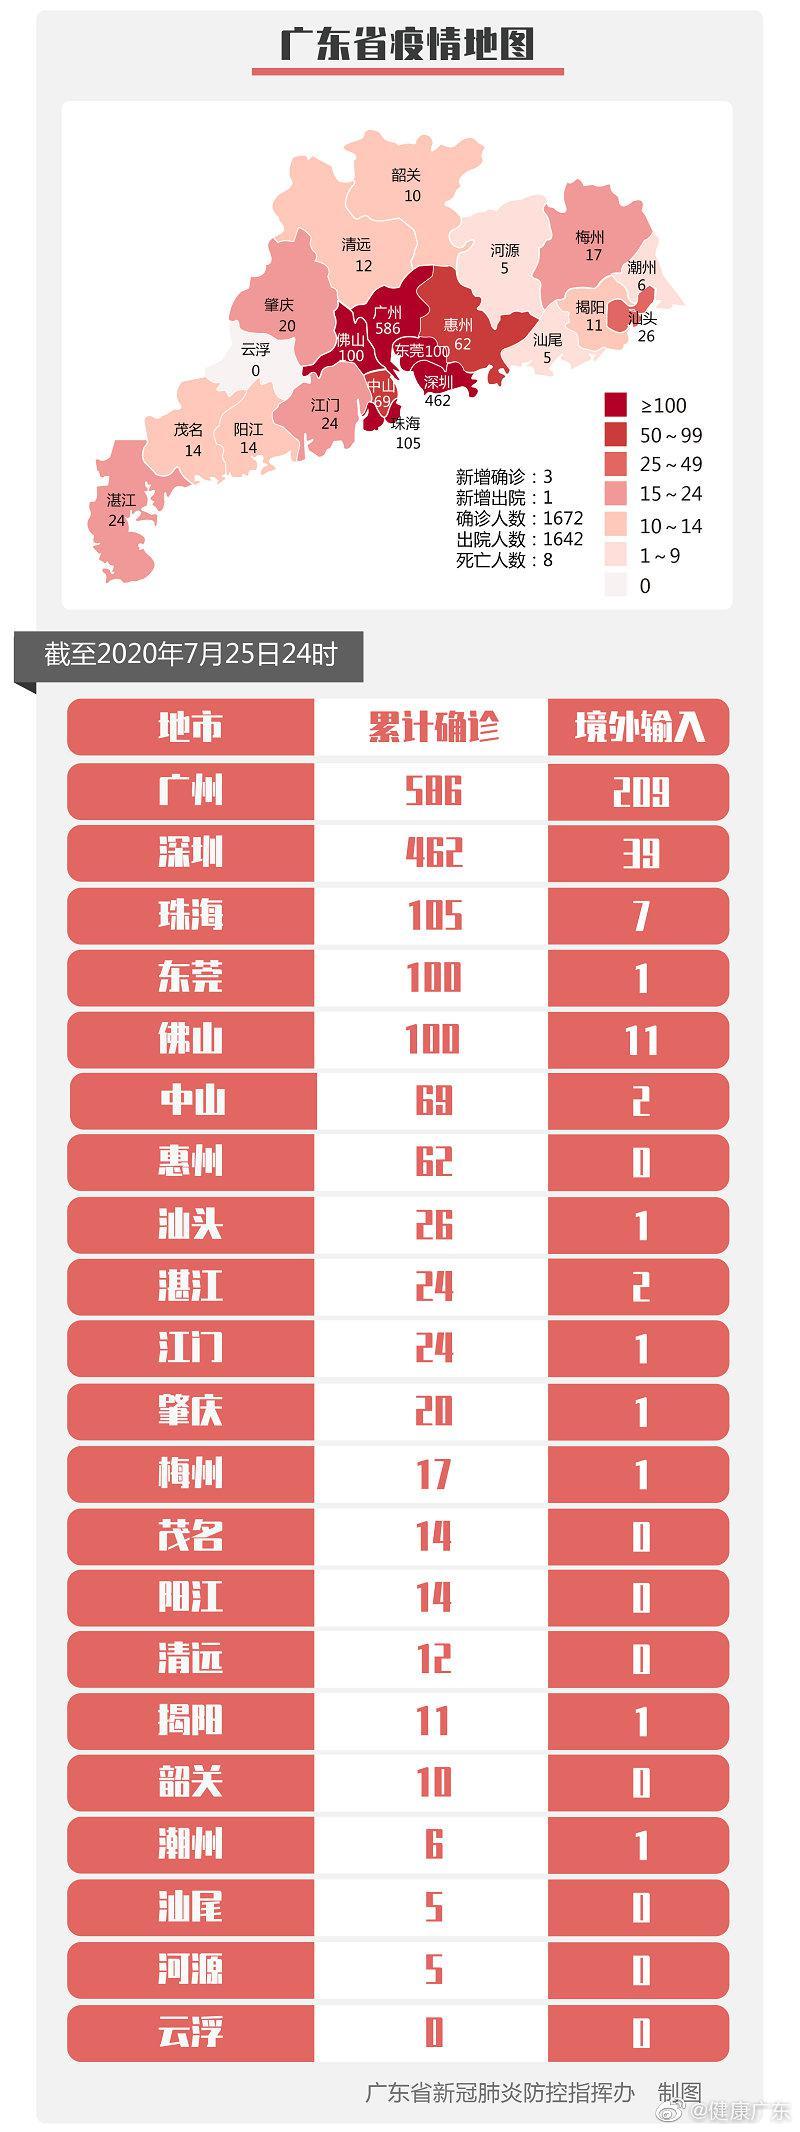 赢咖3登录,日广东赢咖3登录新增境外输图片